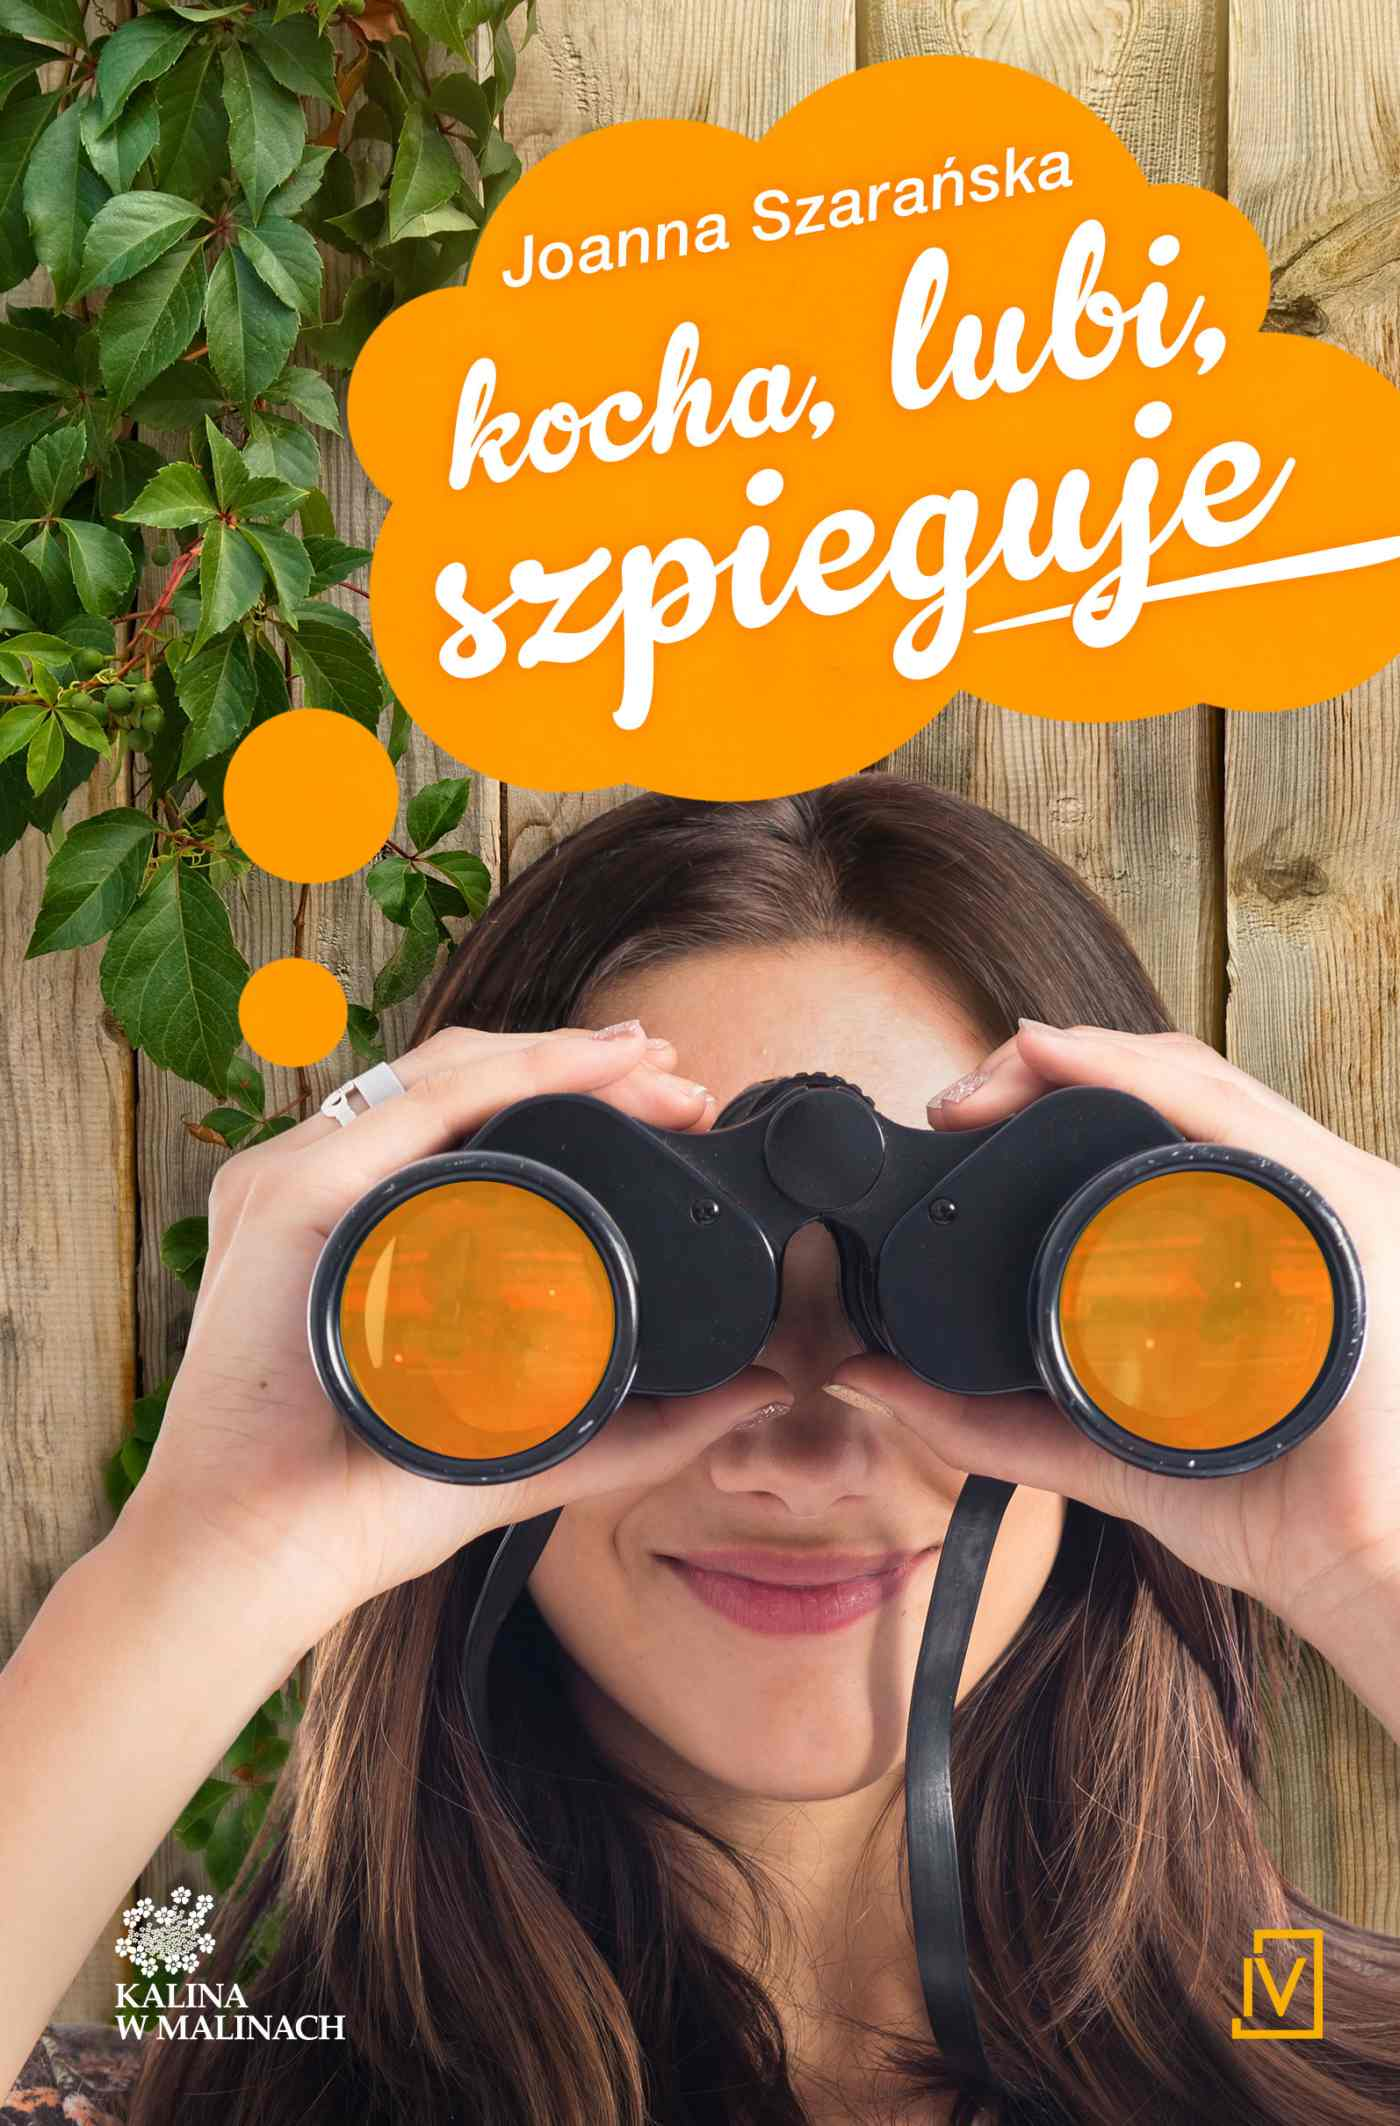 Kocha, lubi, szpieguje - Ebook (Książka EPUB) do pobrania w formacie EPUB